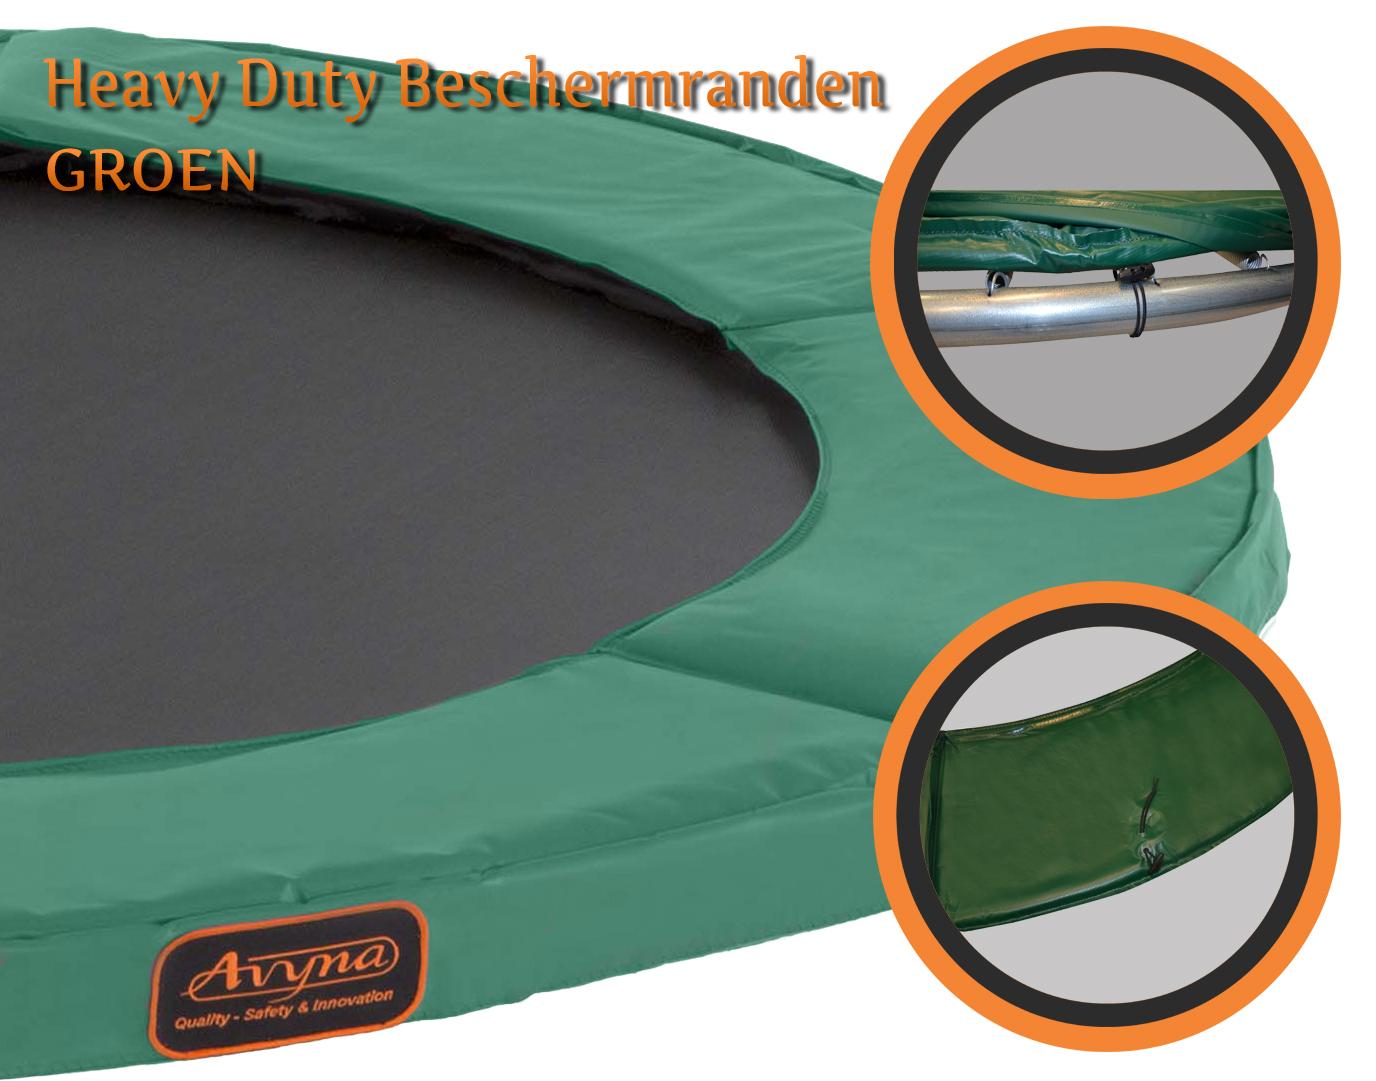 Avyna | Randkussen HD 4,30m | Groen